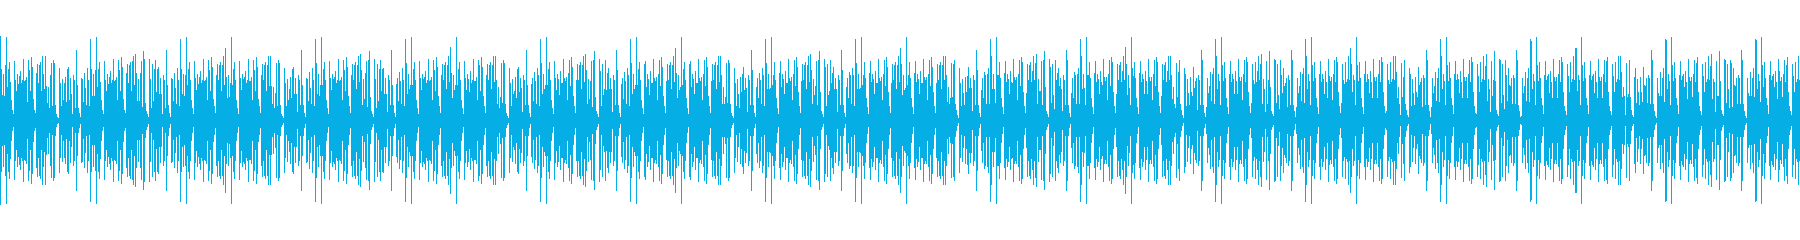 Vtuberの配信 雑談向けBGM 10の再生済みの波形